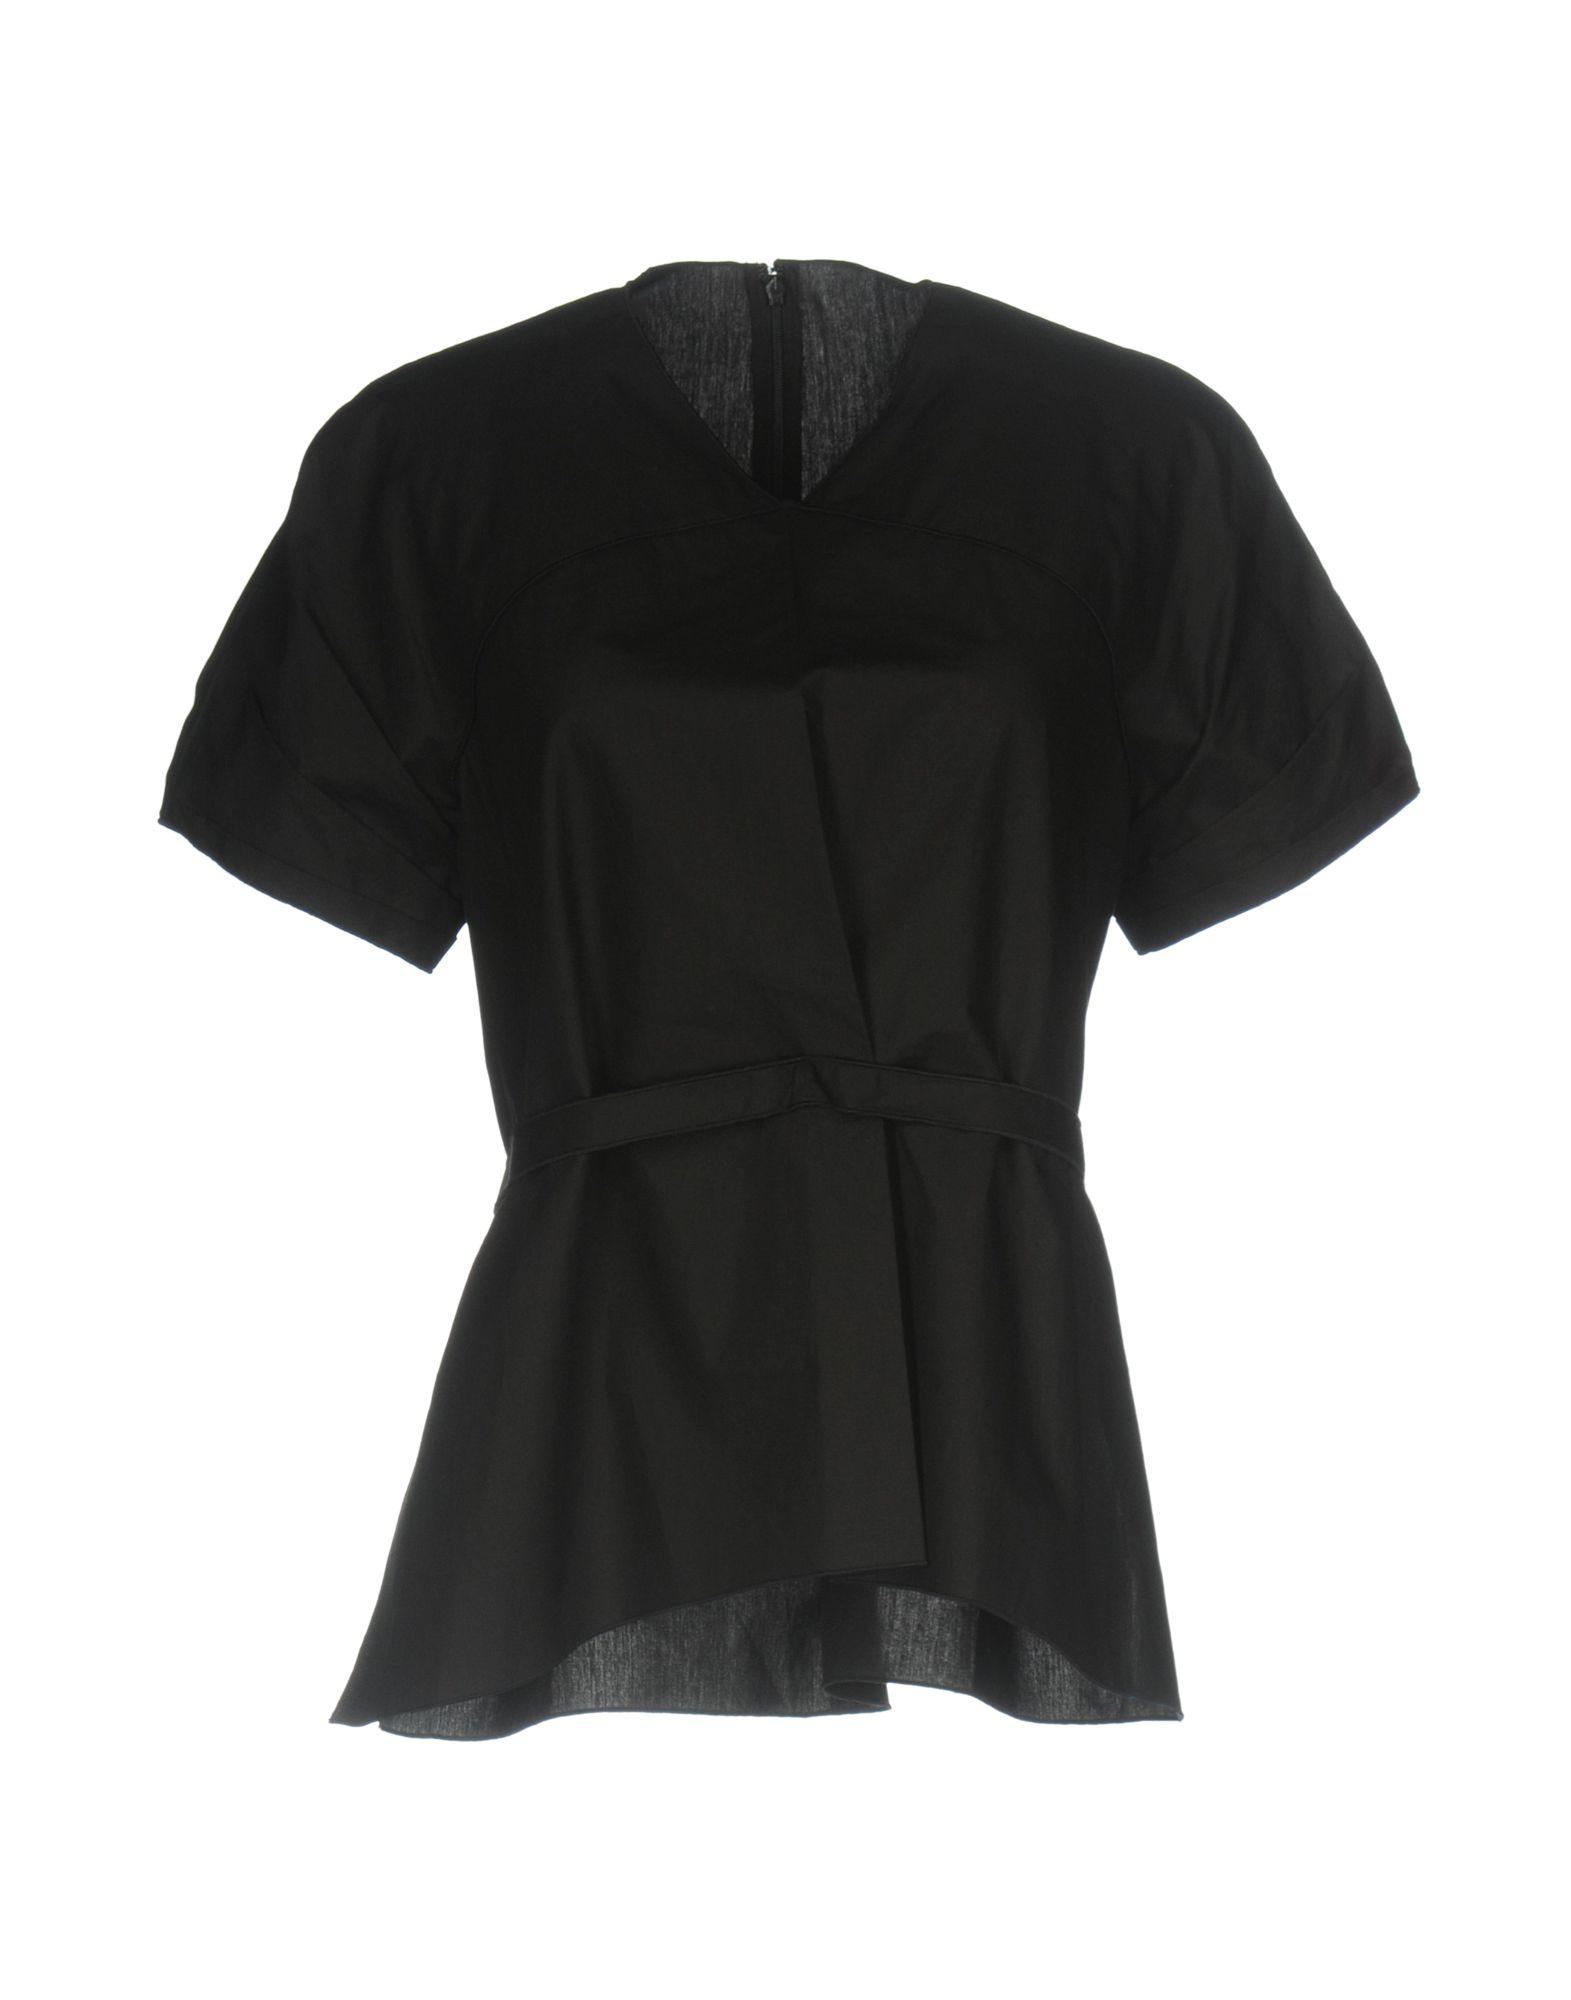 где купить PROENZA SCHOULER Блузка по лучшей цене